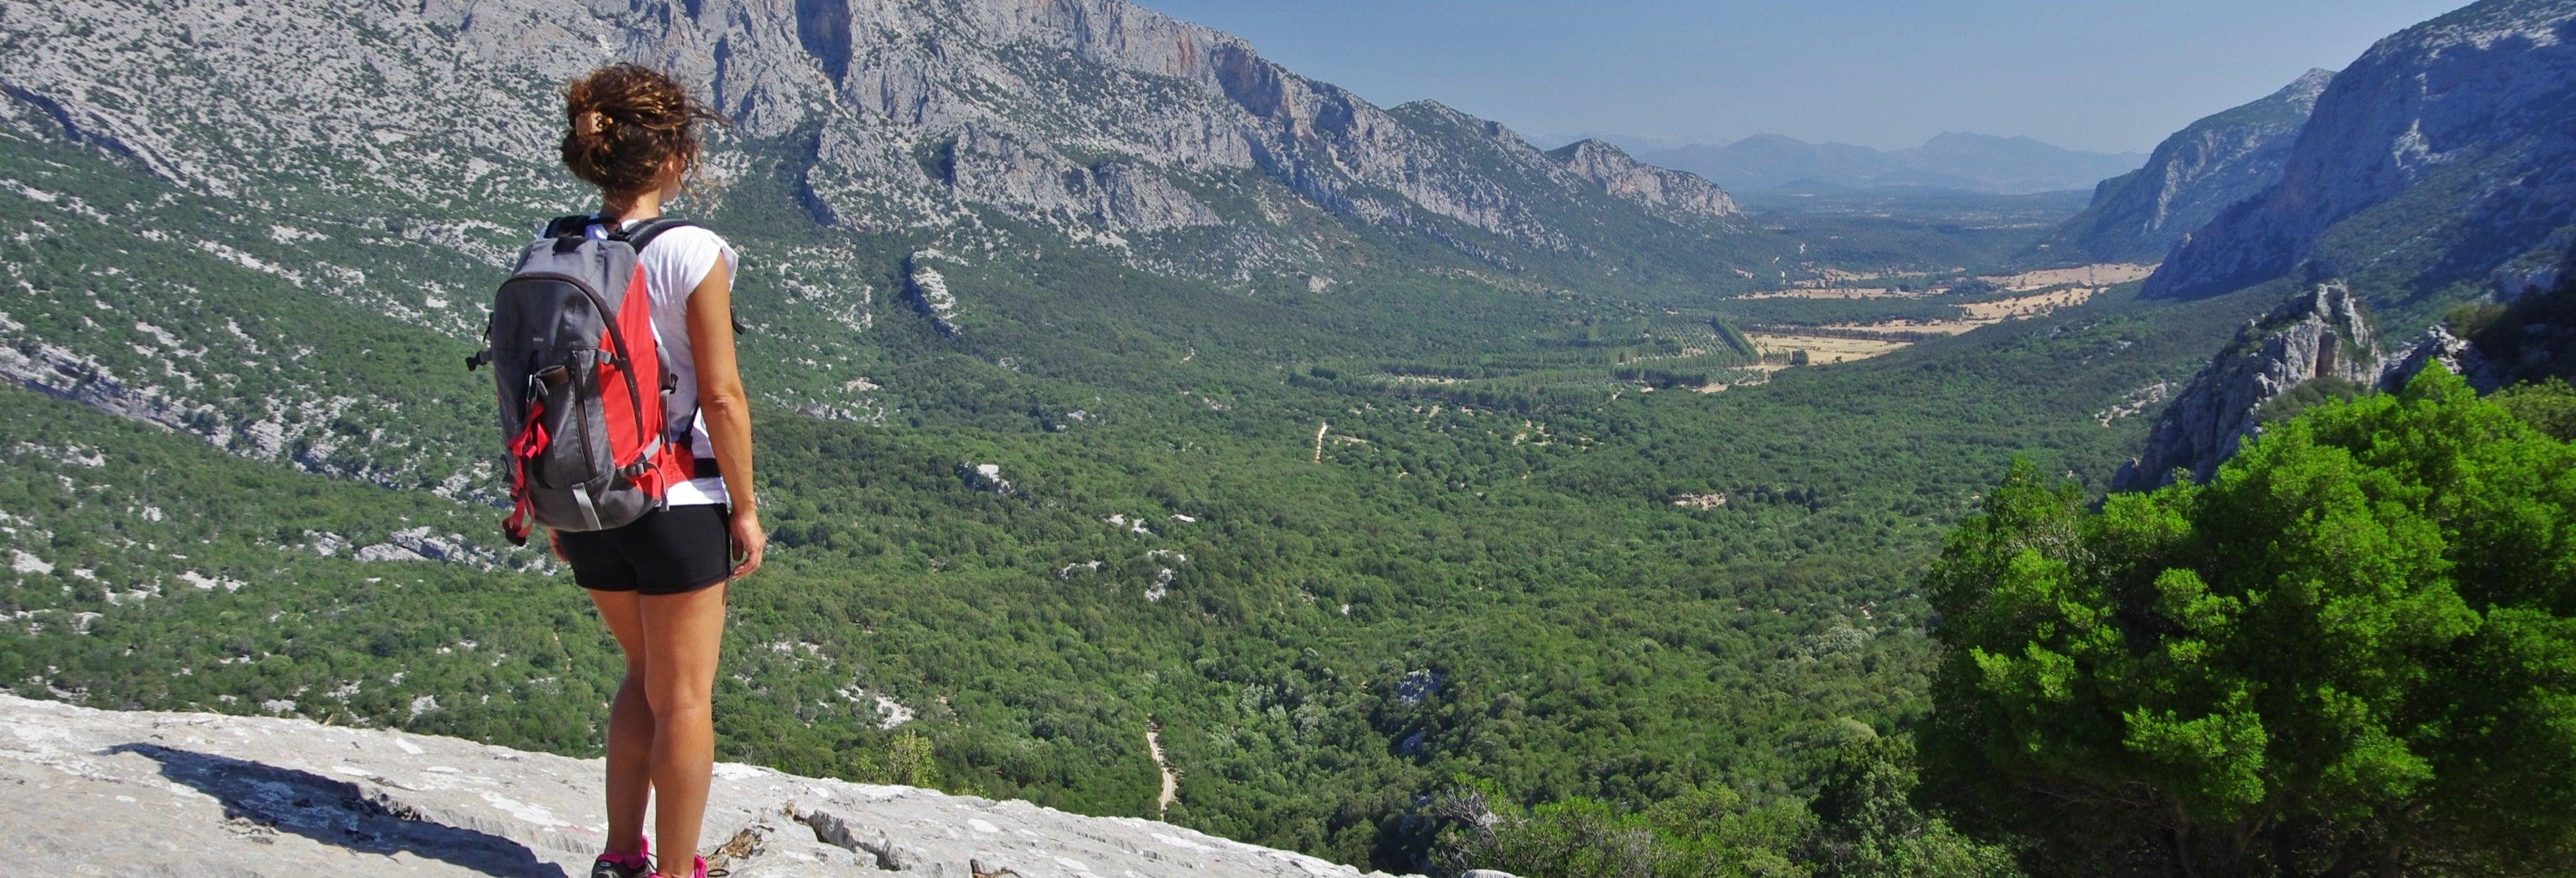 Escursione a Tiscali